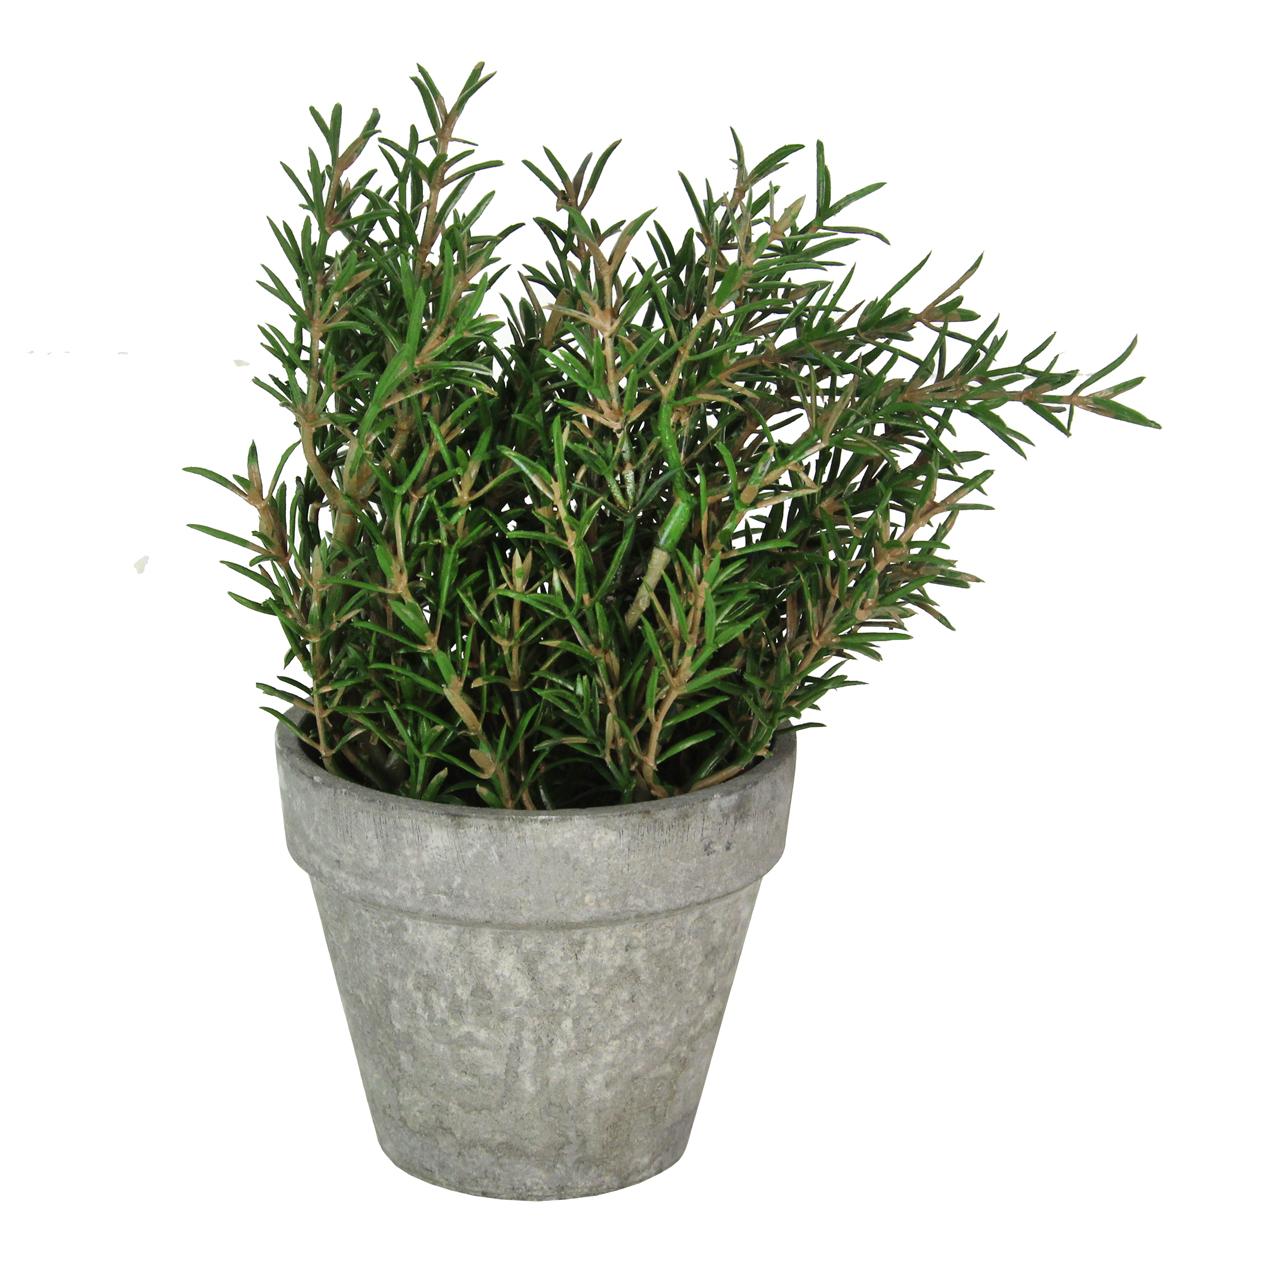 Floare Artificiala Rozmarin In Ghiveci 18 Cm